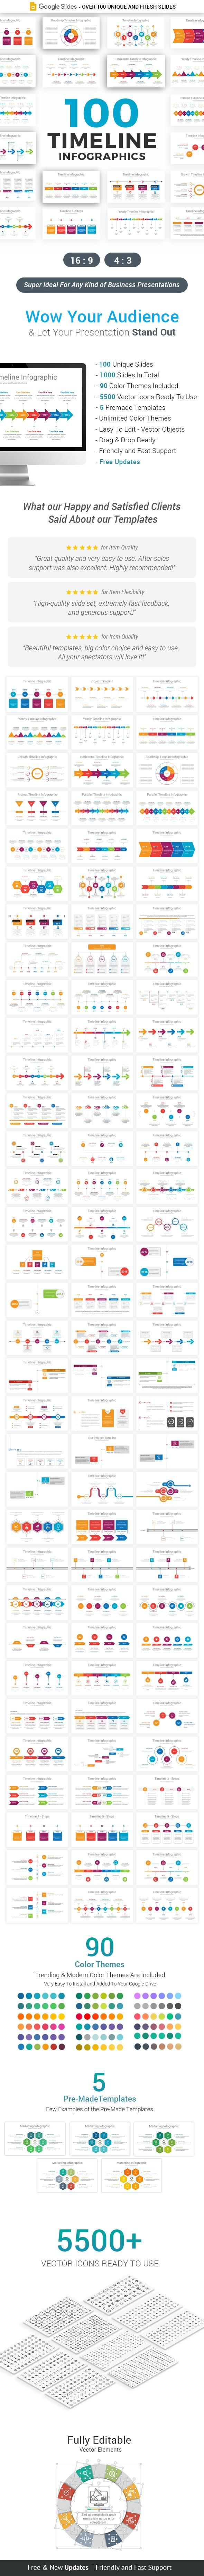 Timeline Infographics Google Slides Presentation Template diagrams - Google Slides Presentation Templates